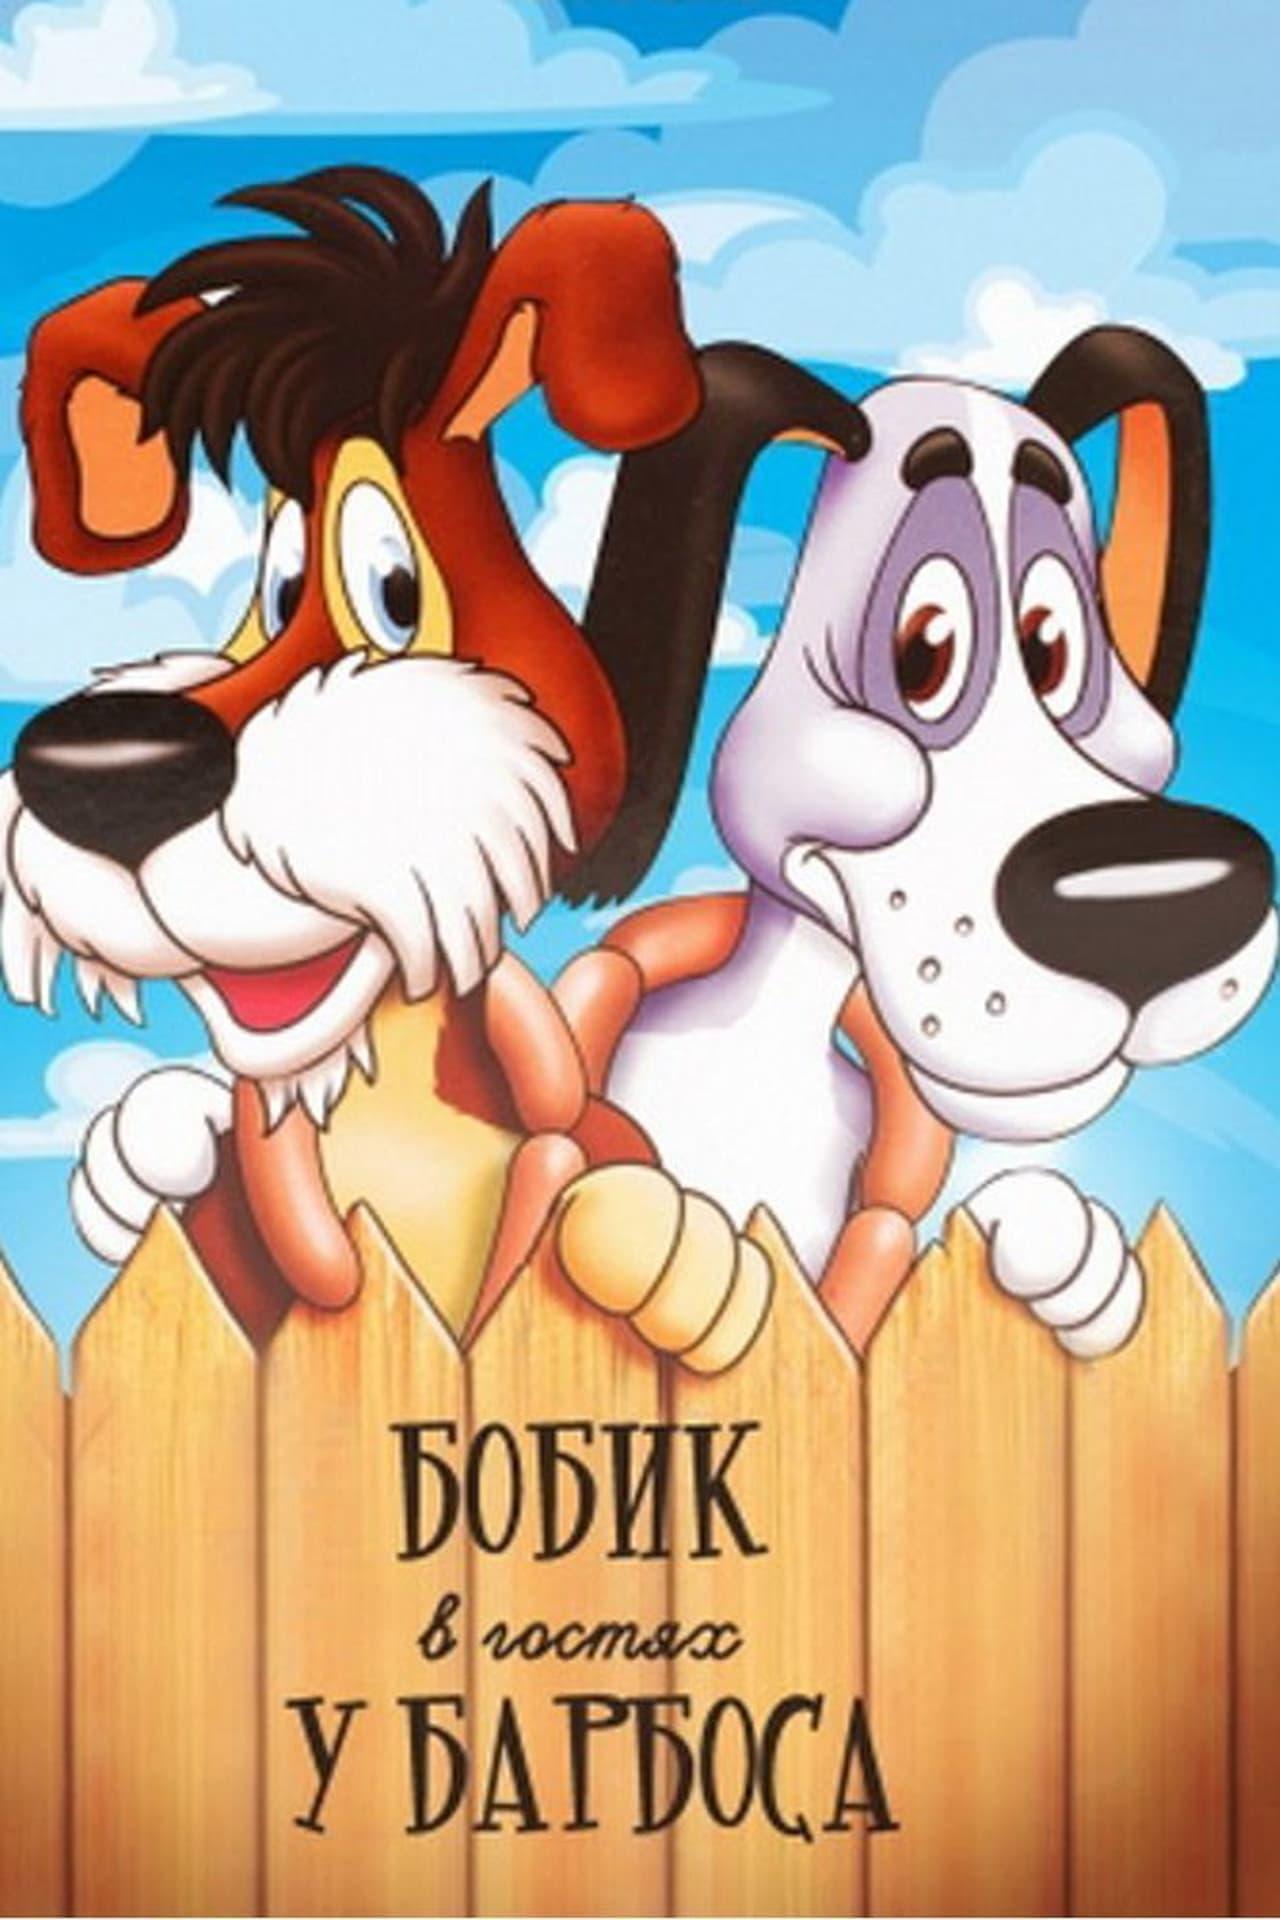 Bobik Visiting Barbos